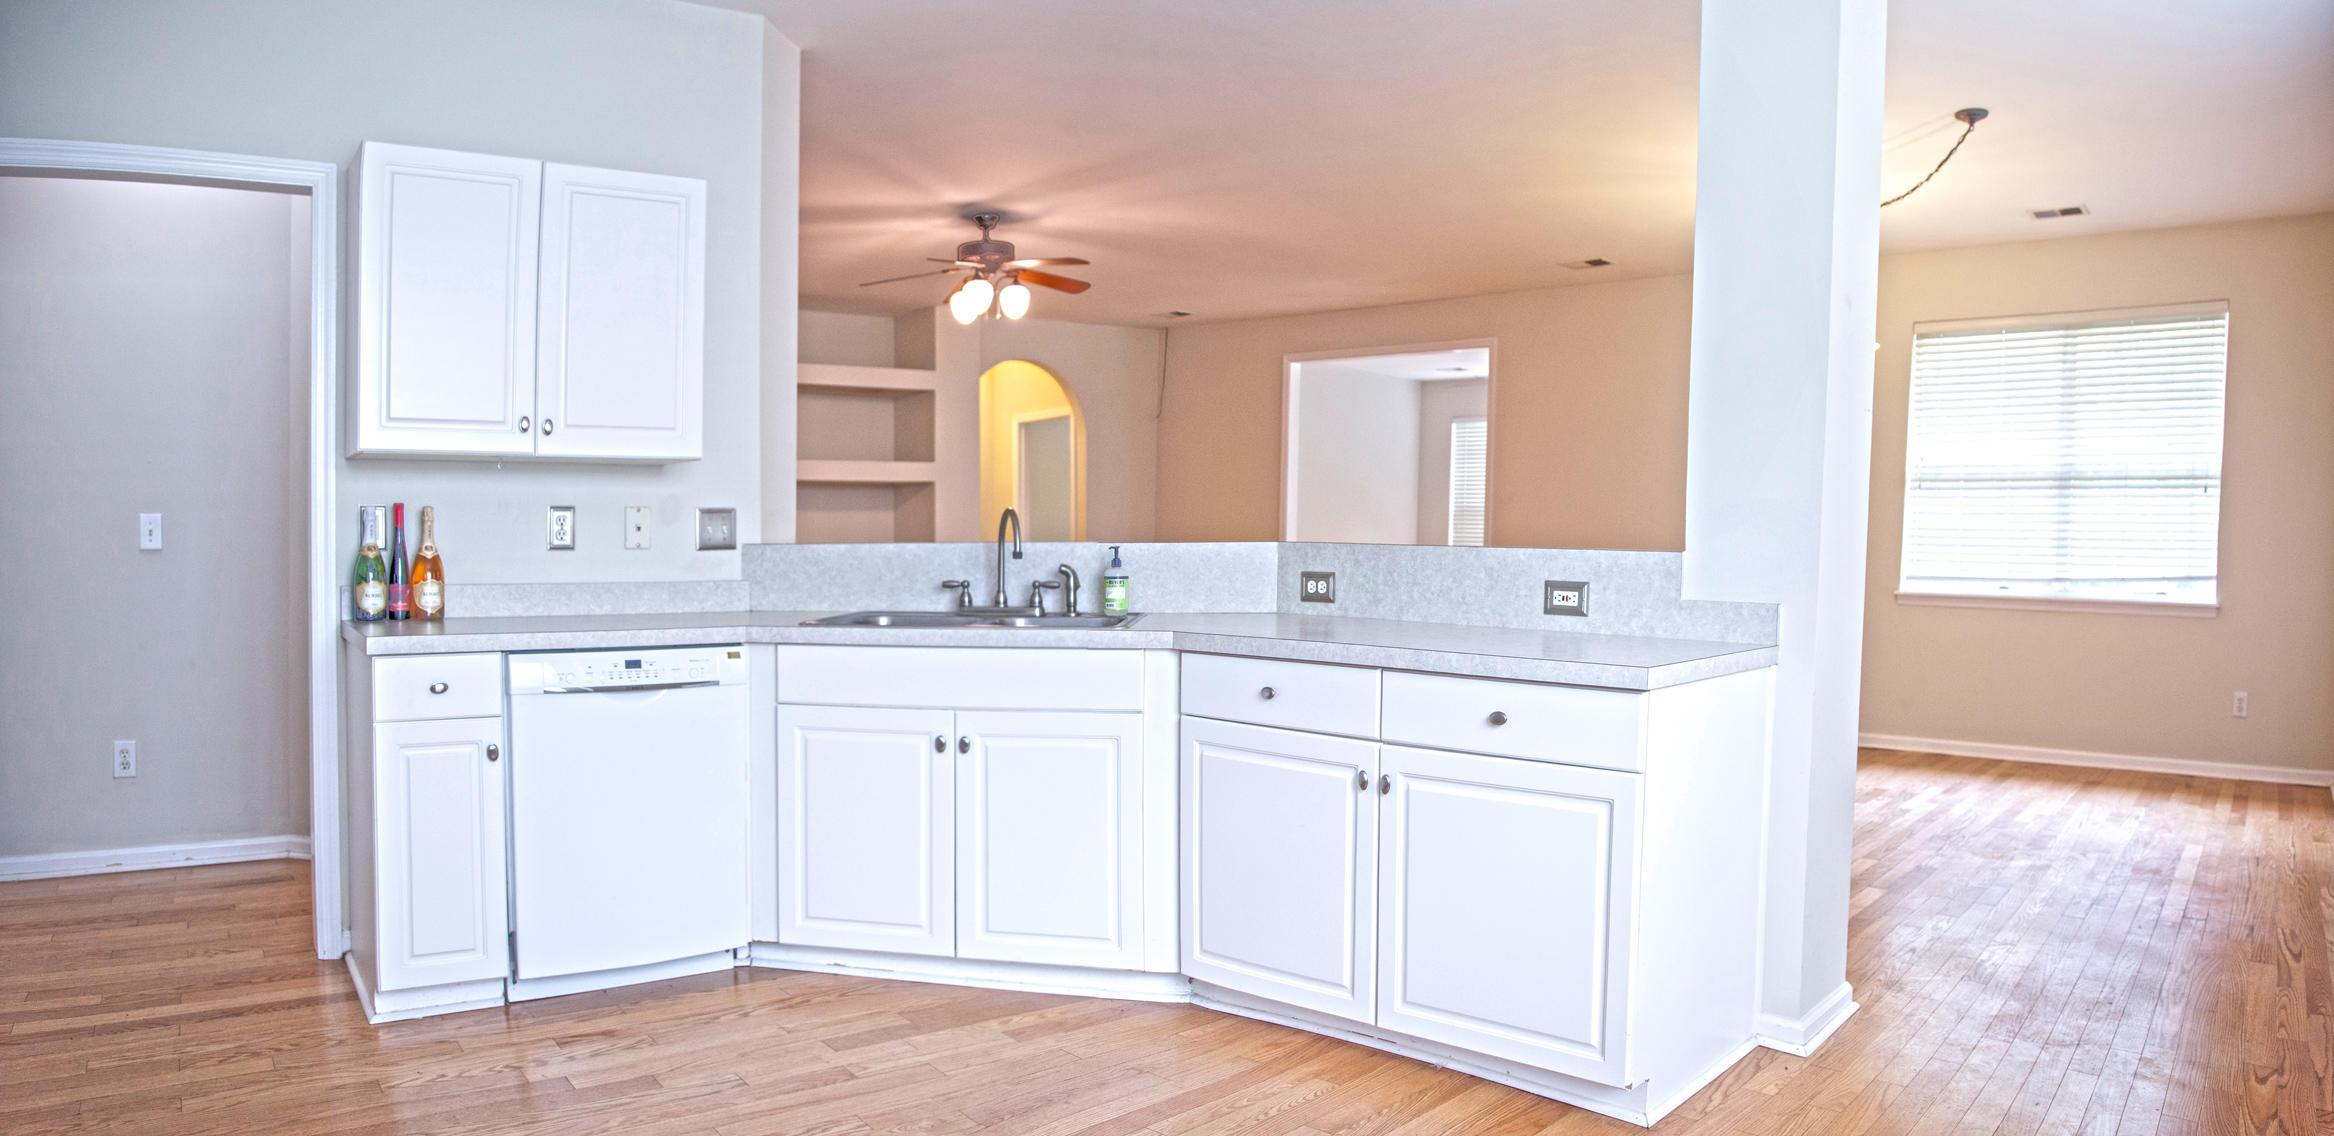 Park West Homes For Sale - 3190 John Bartram Place, Mount Pleasant, SC - 38